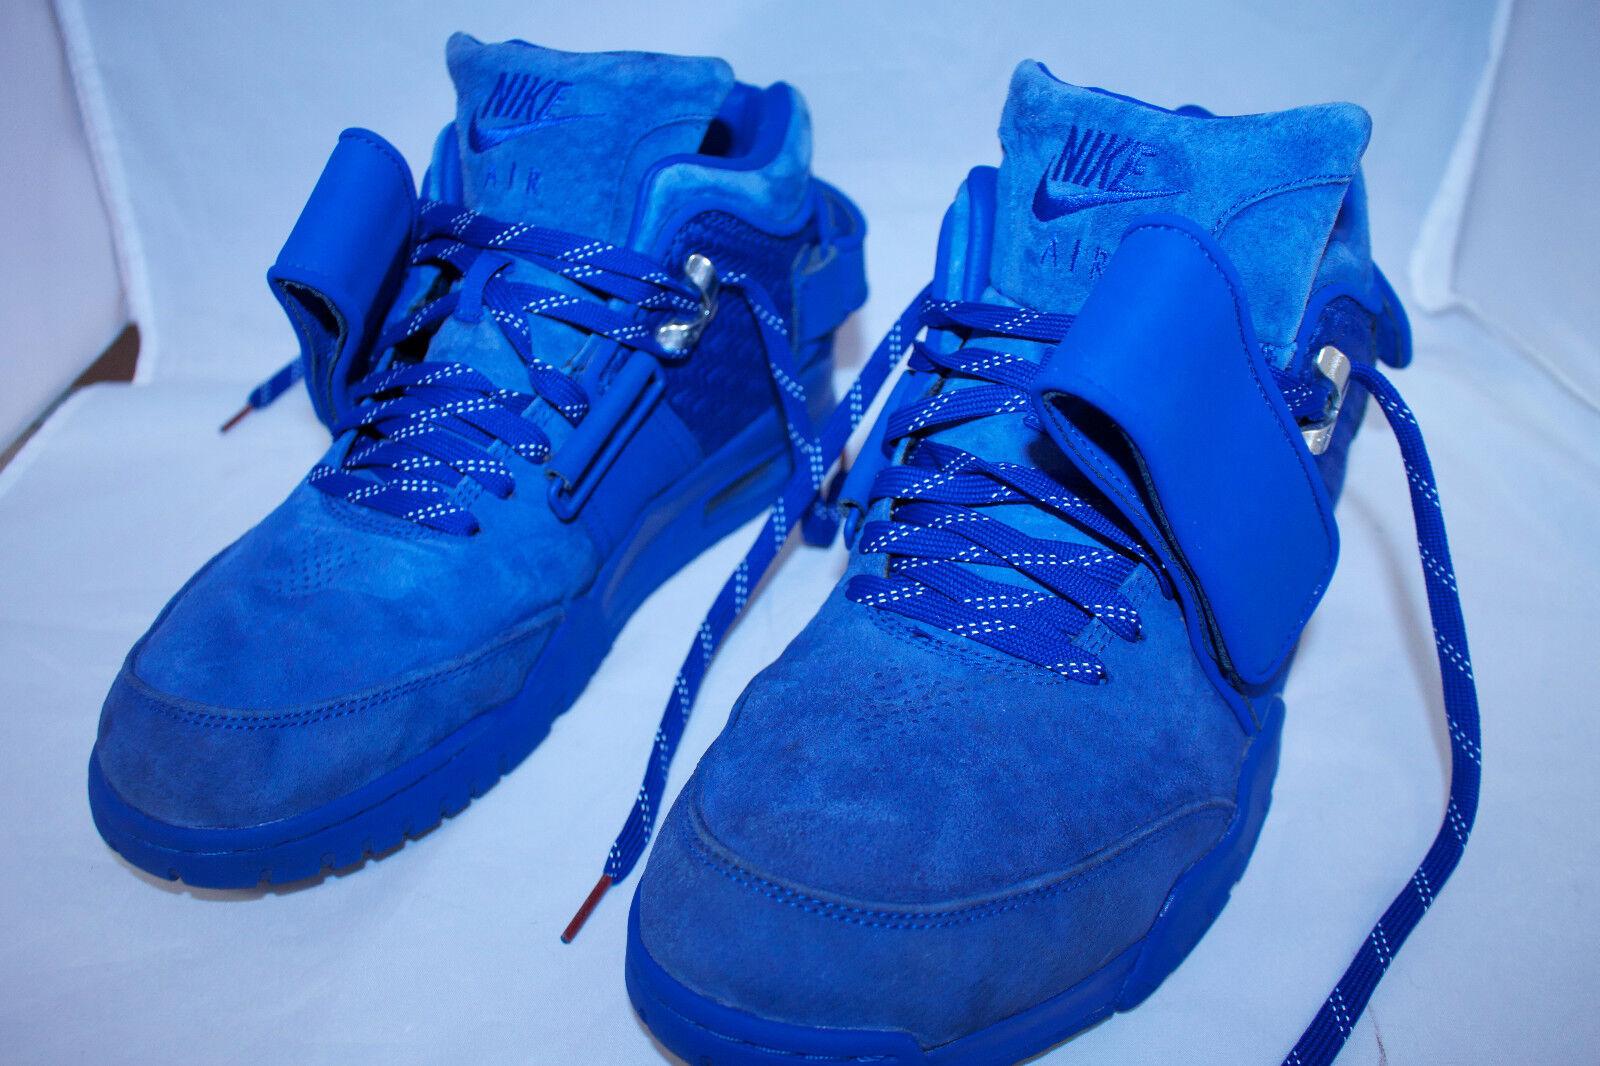 nike air victor trainer v. cruz prm victor air männer größe 11 tennisschuhe blau 812637 400 4a8adf